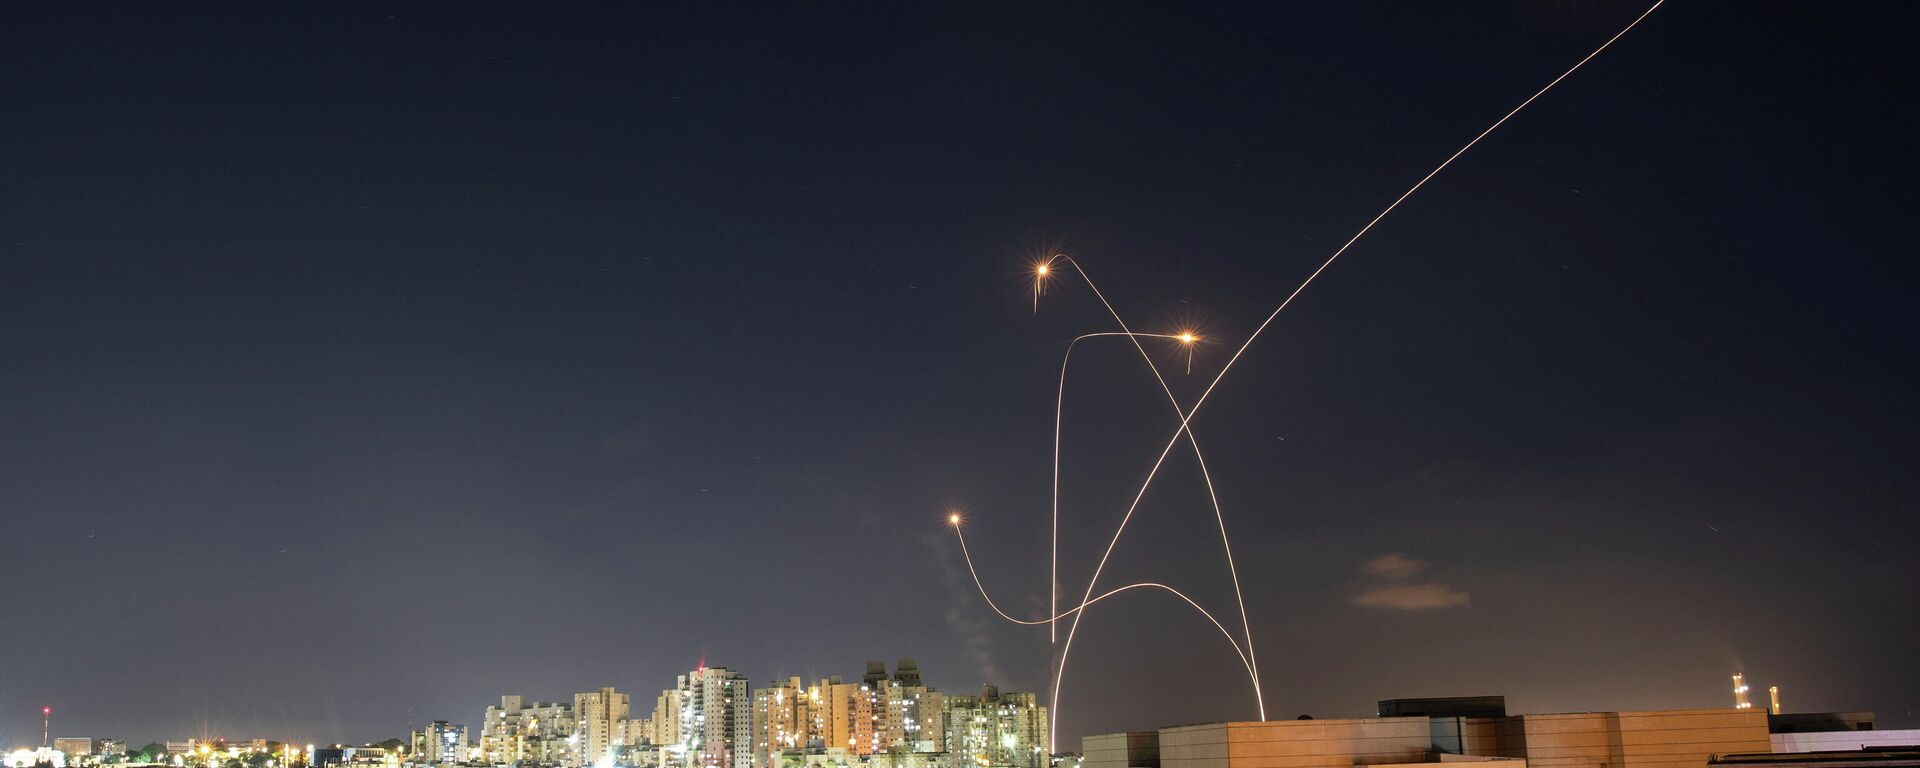 El sistema antimisiles israelí intercepta unos cohetes lanzados desde la Franja de Gaza hacia Israel - Sputnik Mundo, 1920, 15.05.2021